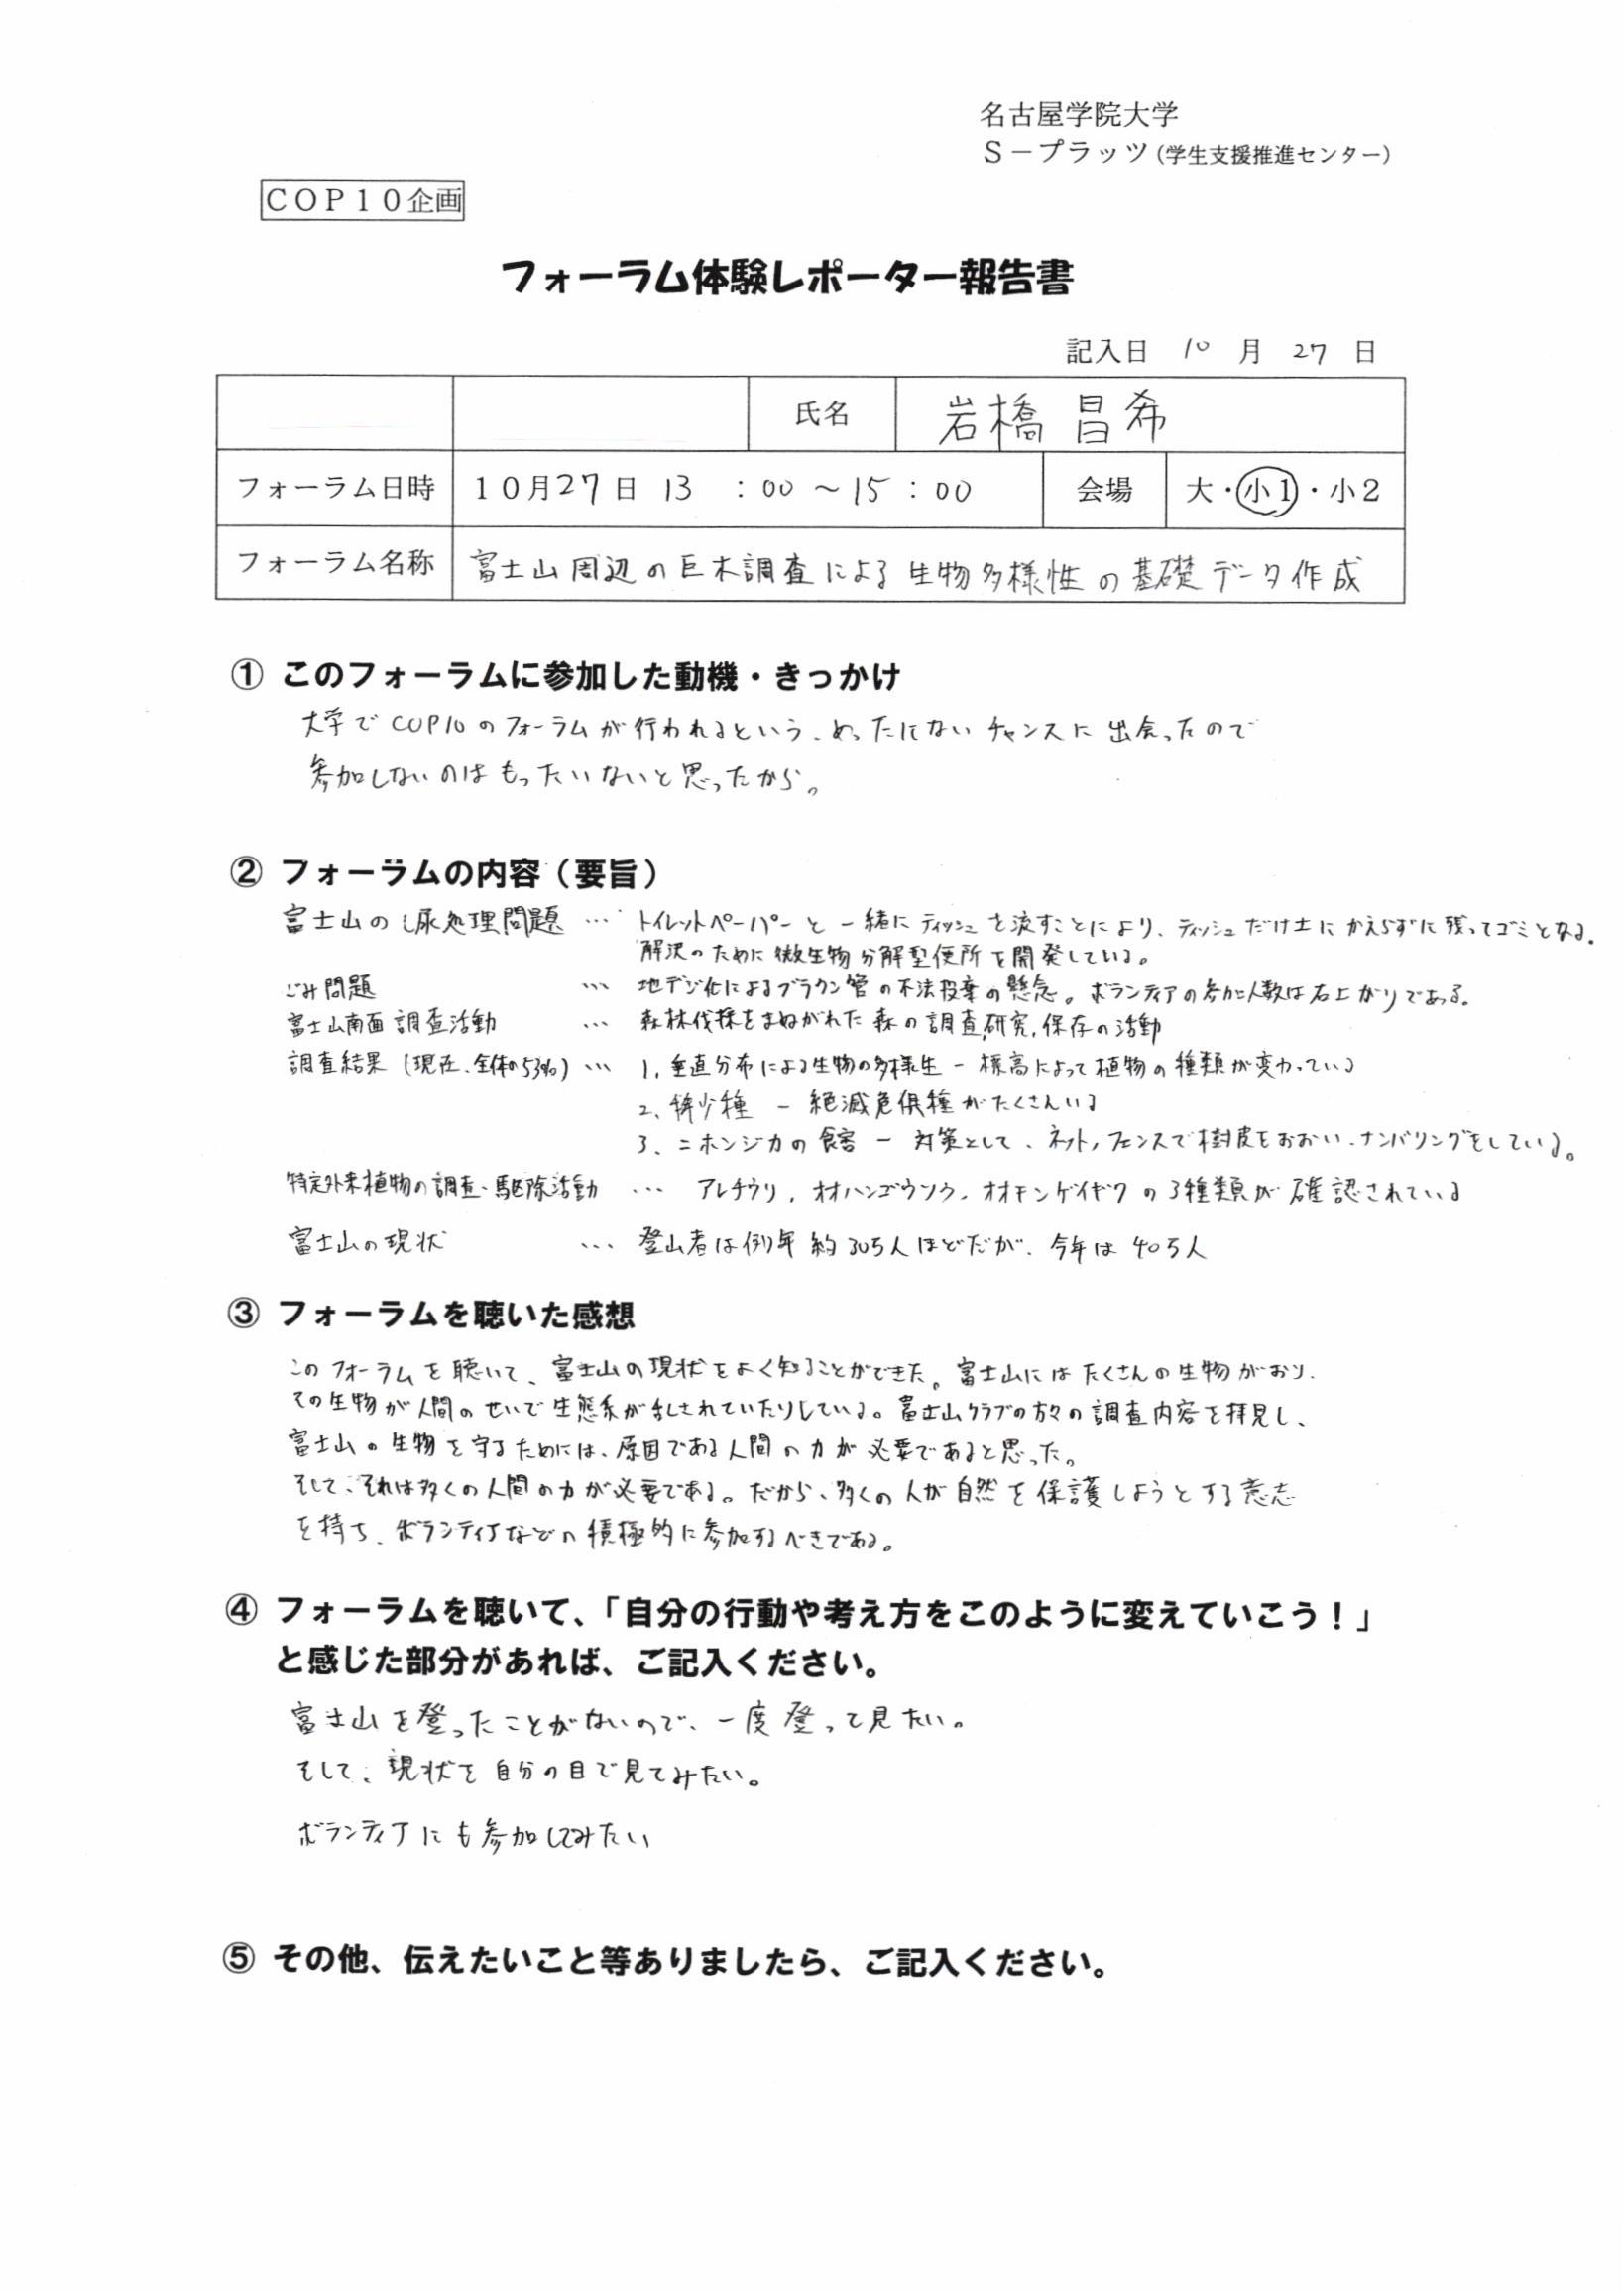 フォーラム体験レポーター報告岩橋